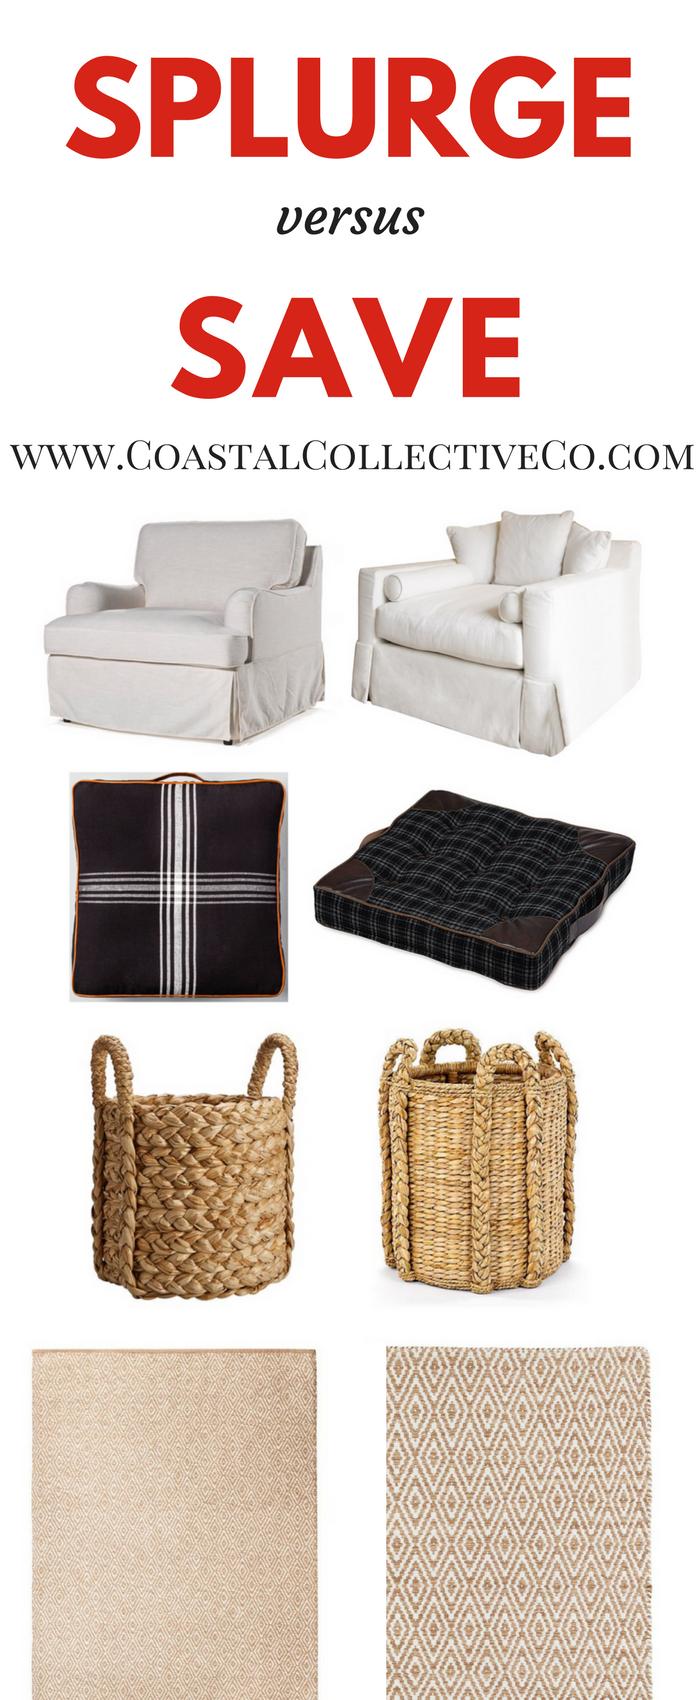 Splurge versus Save - Fall Chair Nook